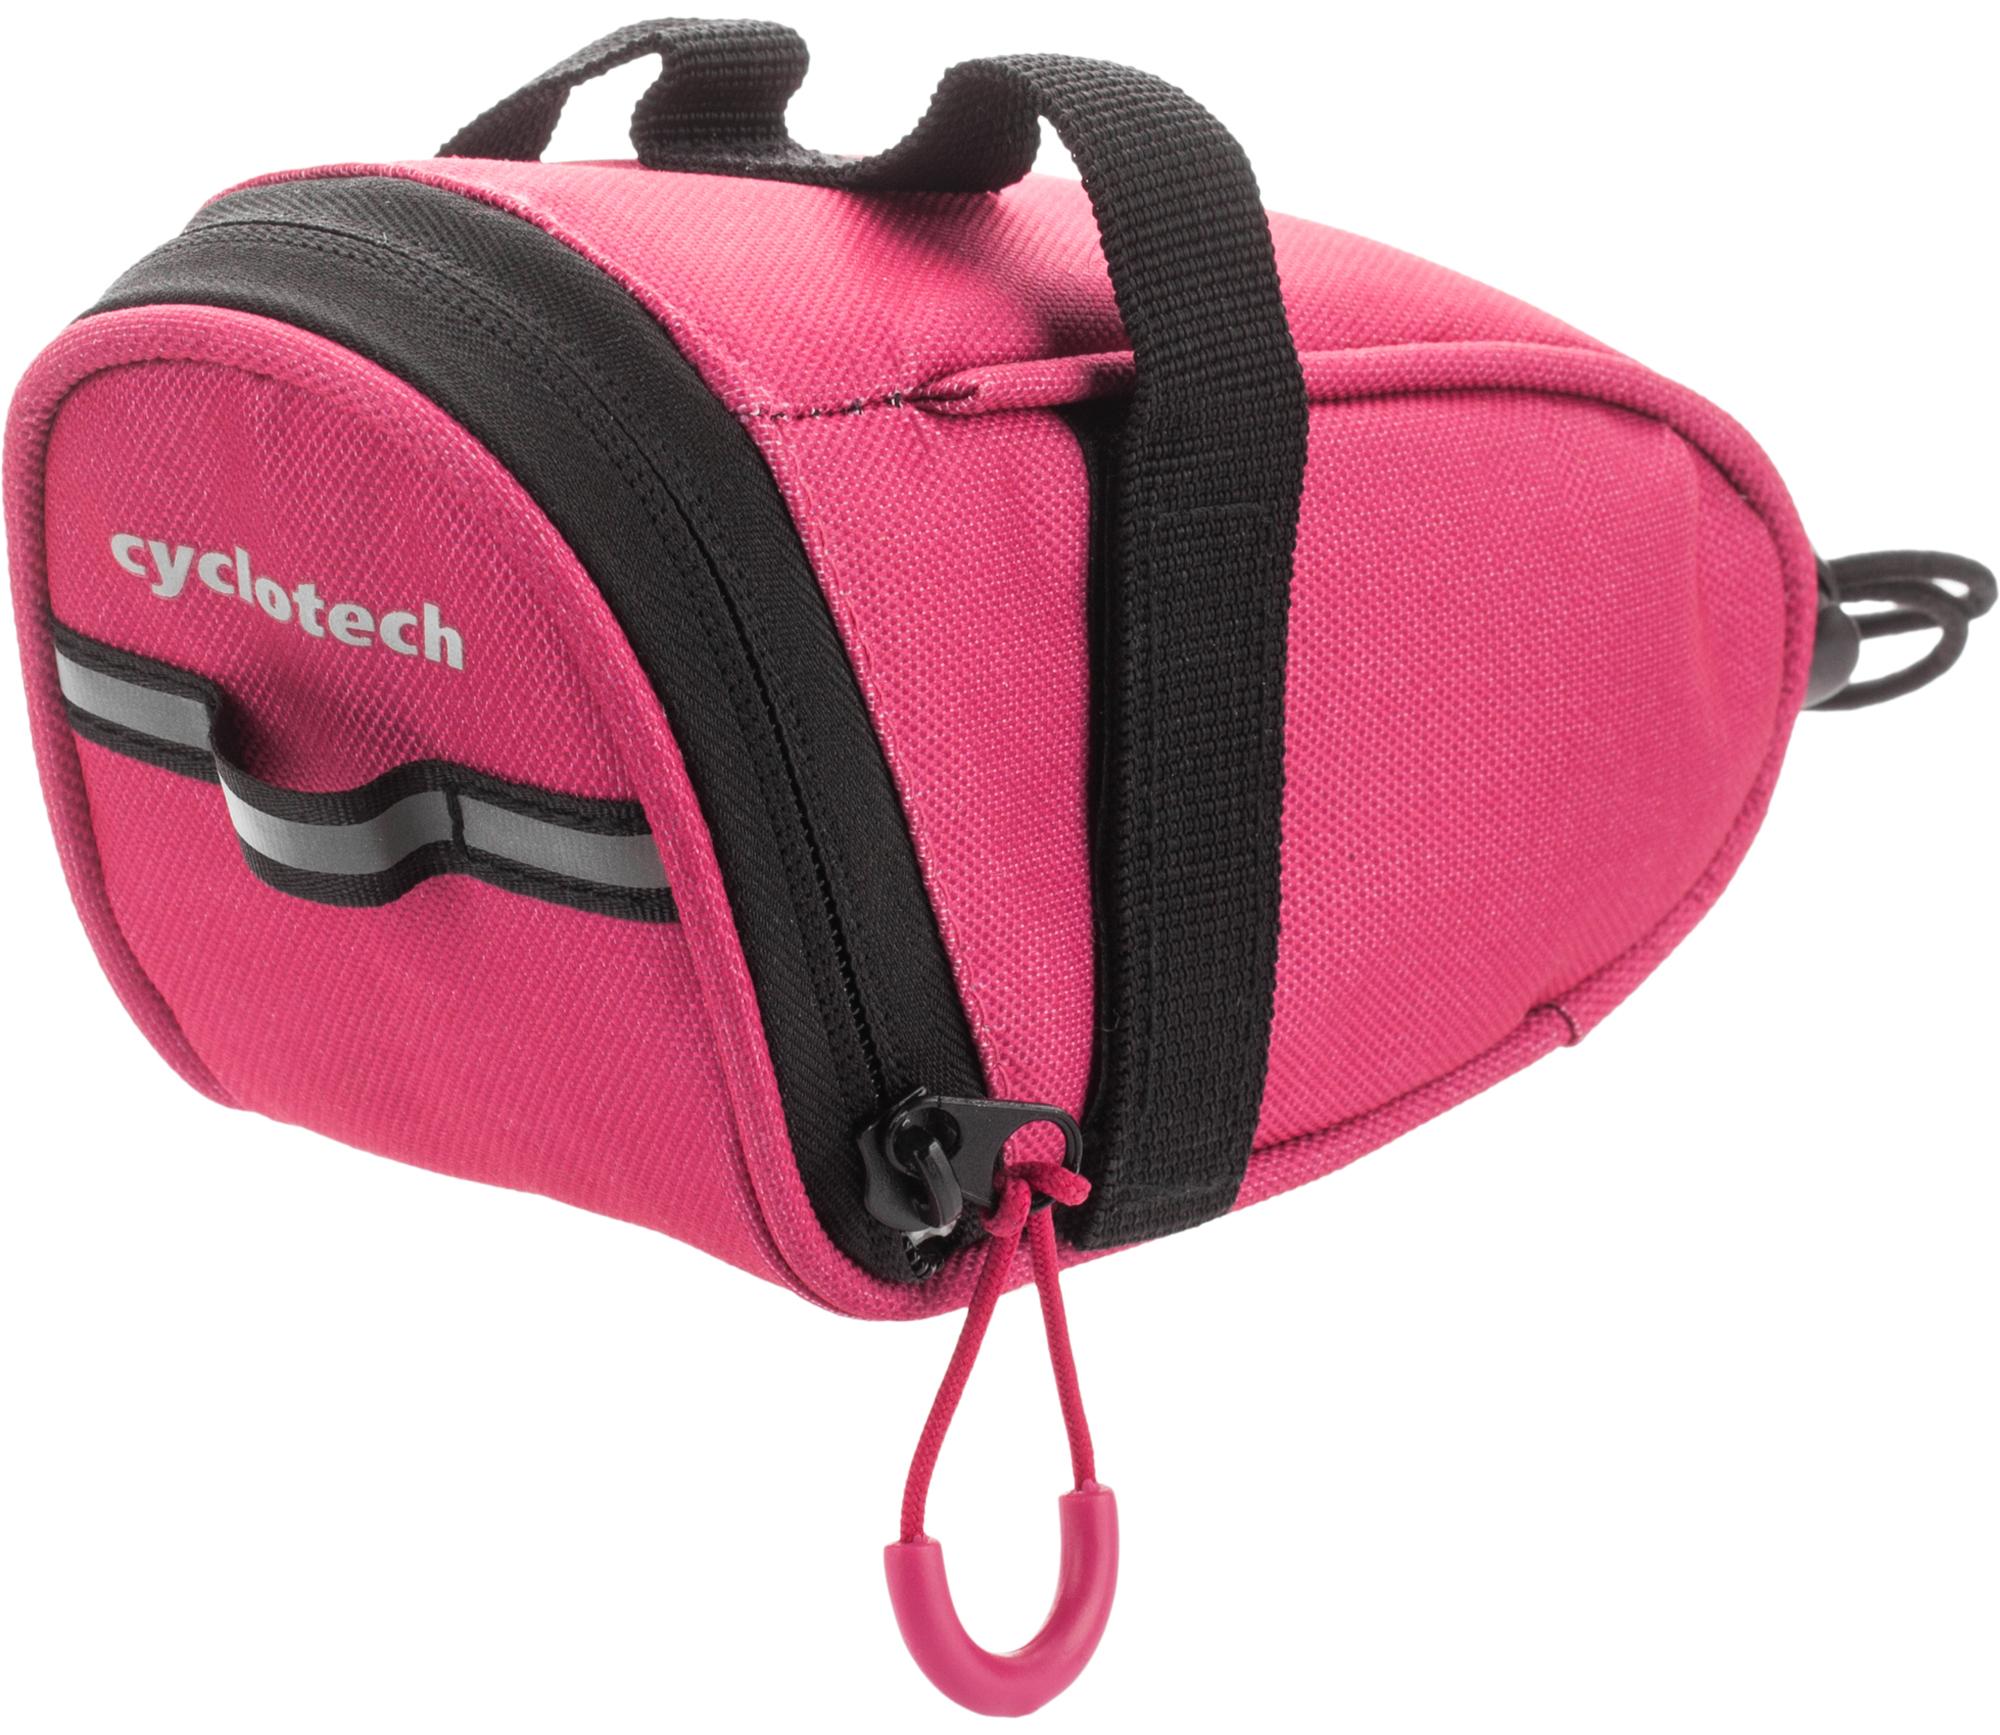 Cyclotech Велосипедная сумка Cyclotech велосипедная цепь